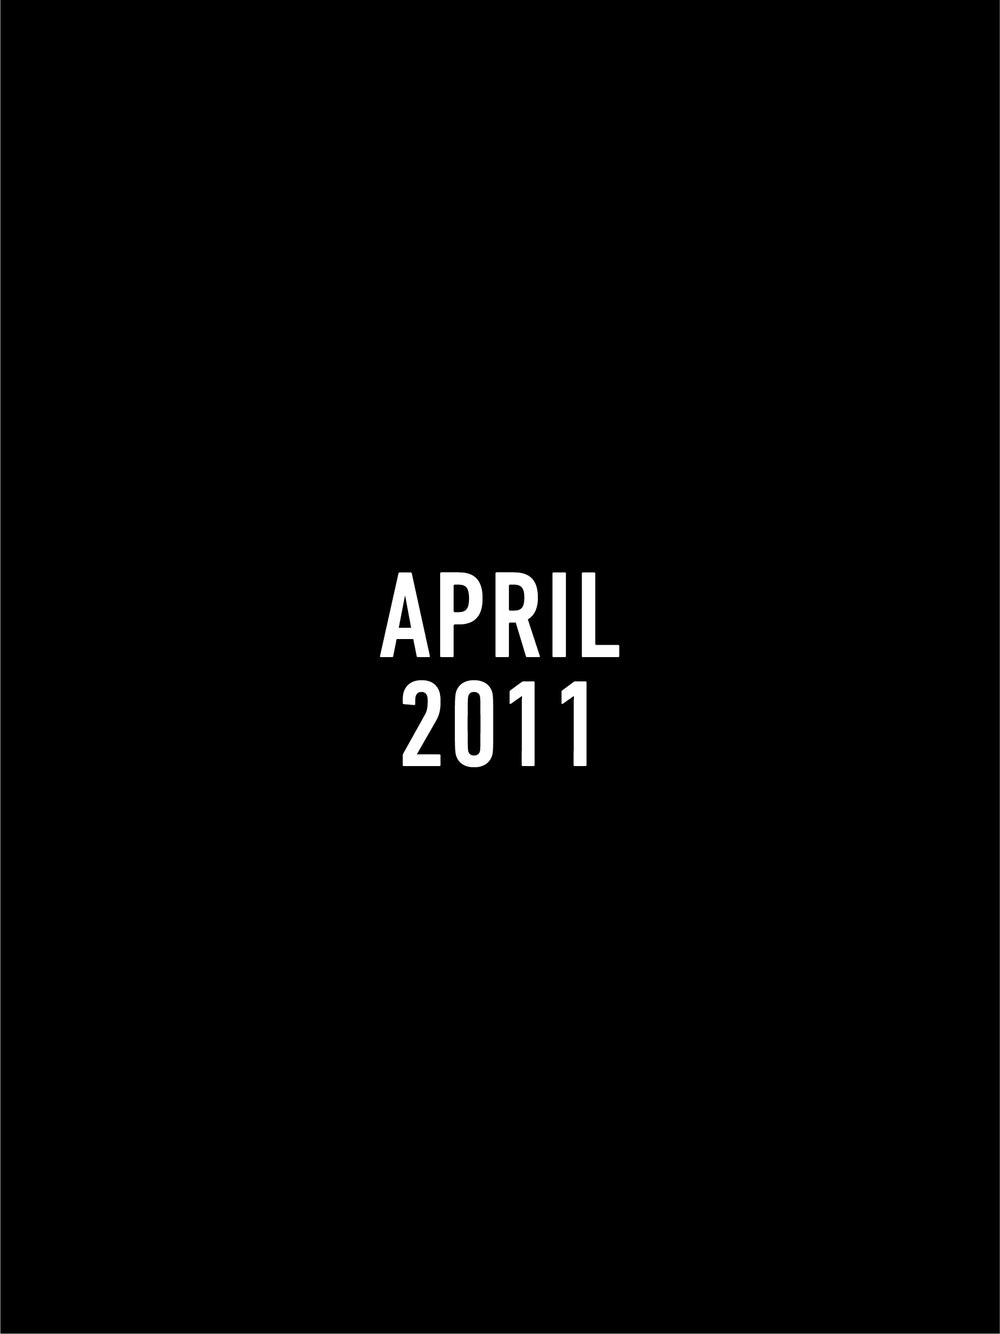 2011 months4.jpg